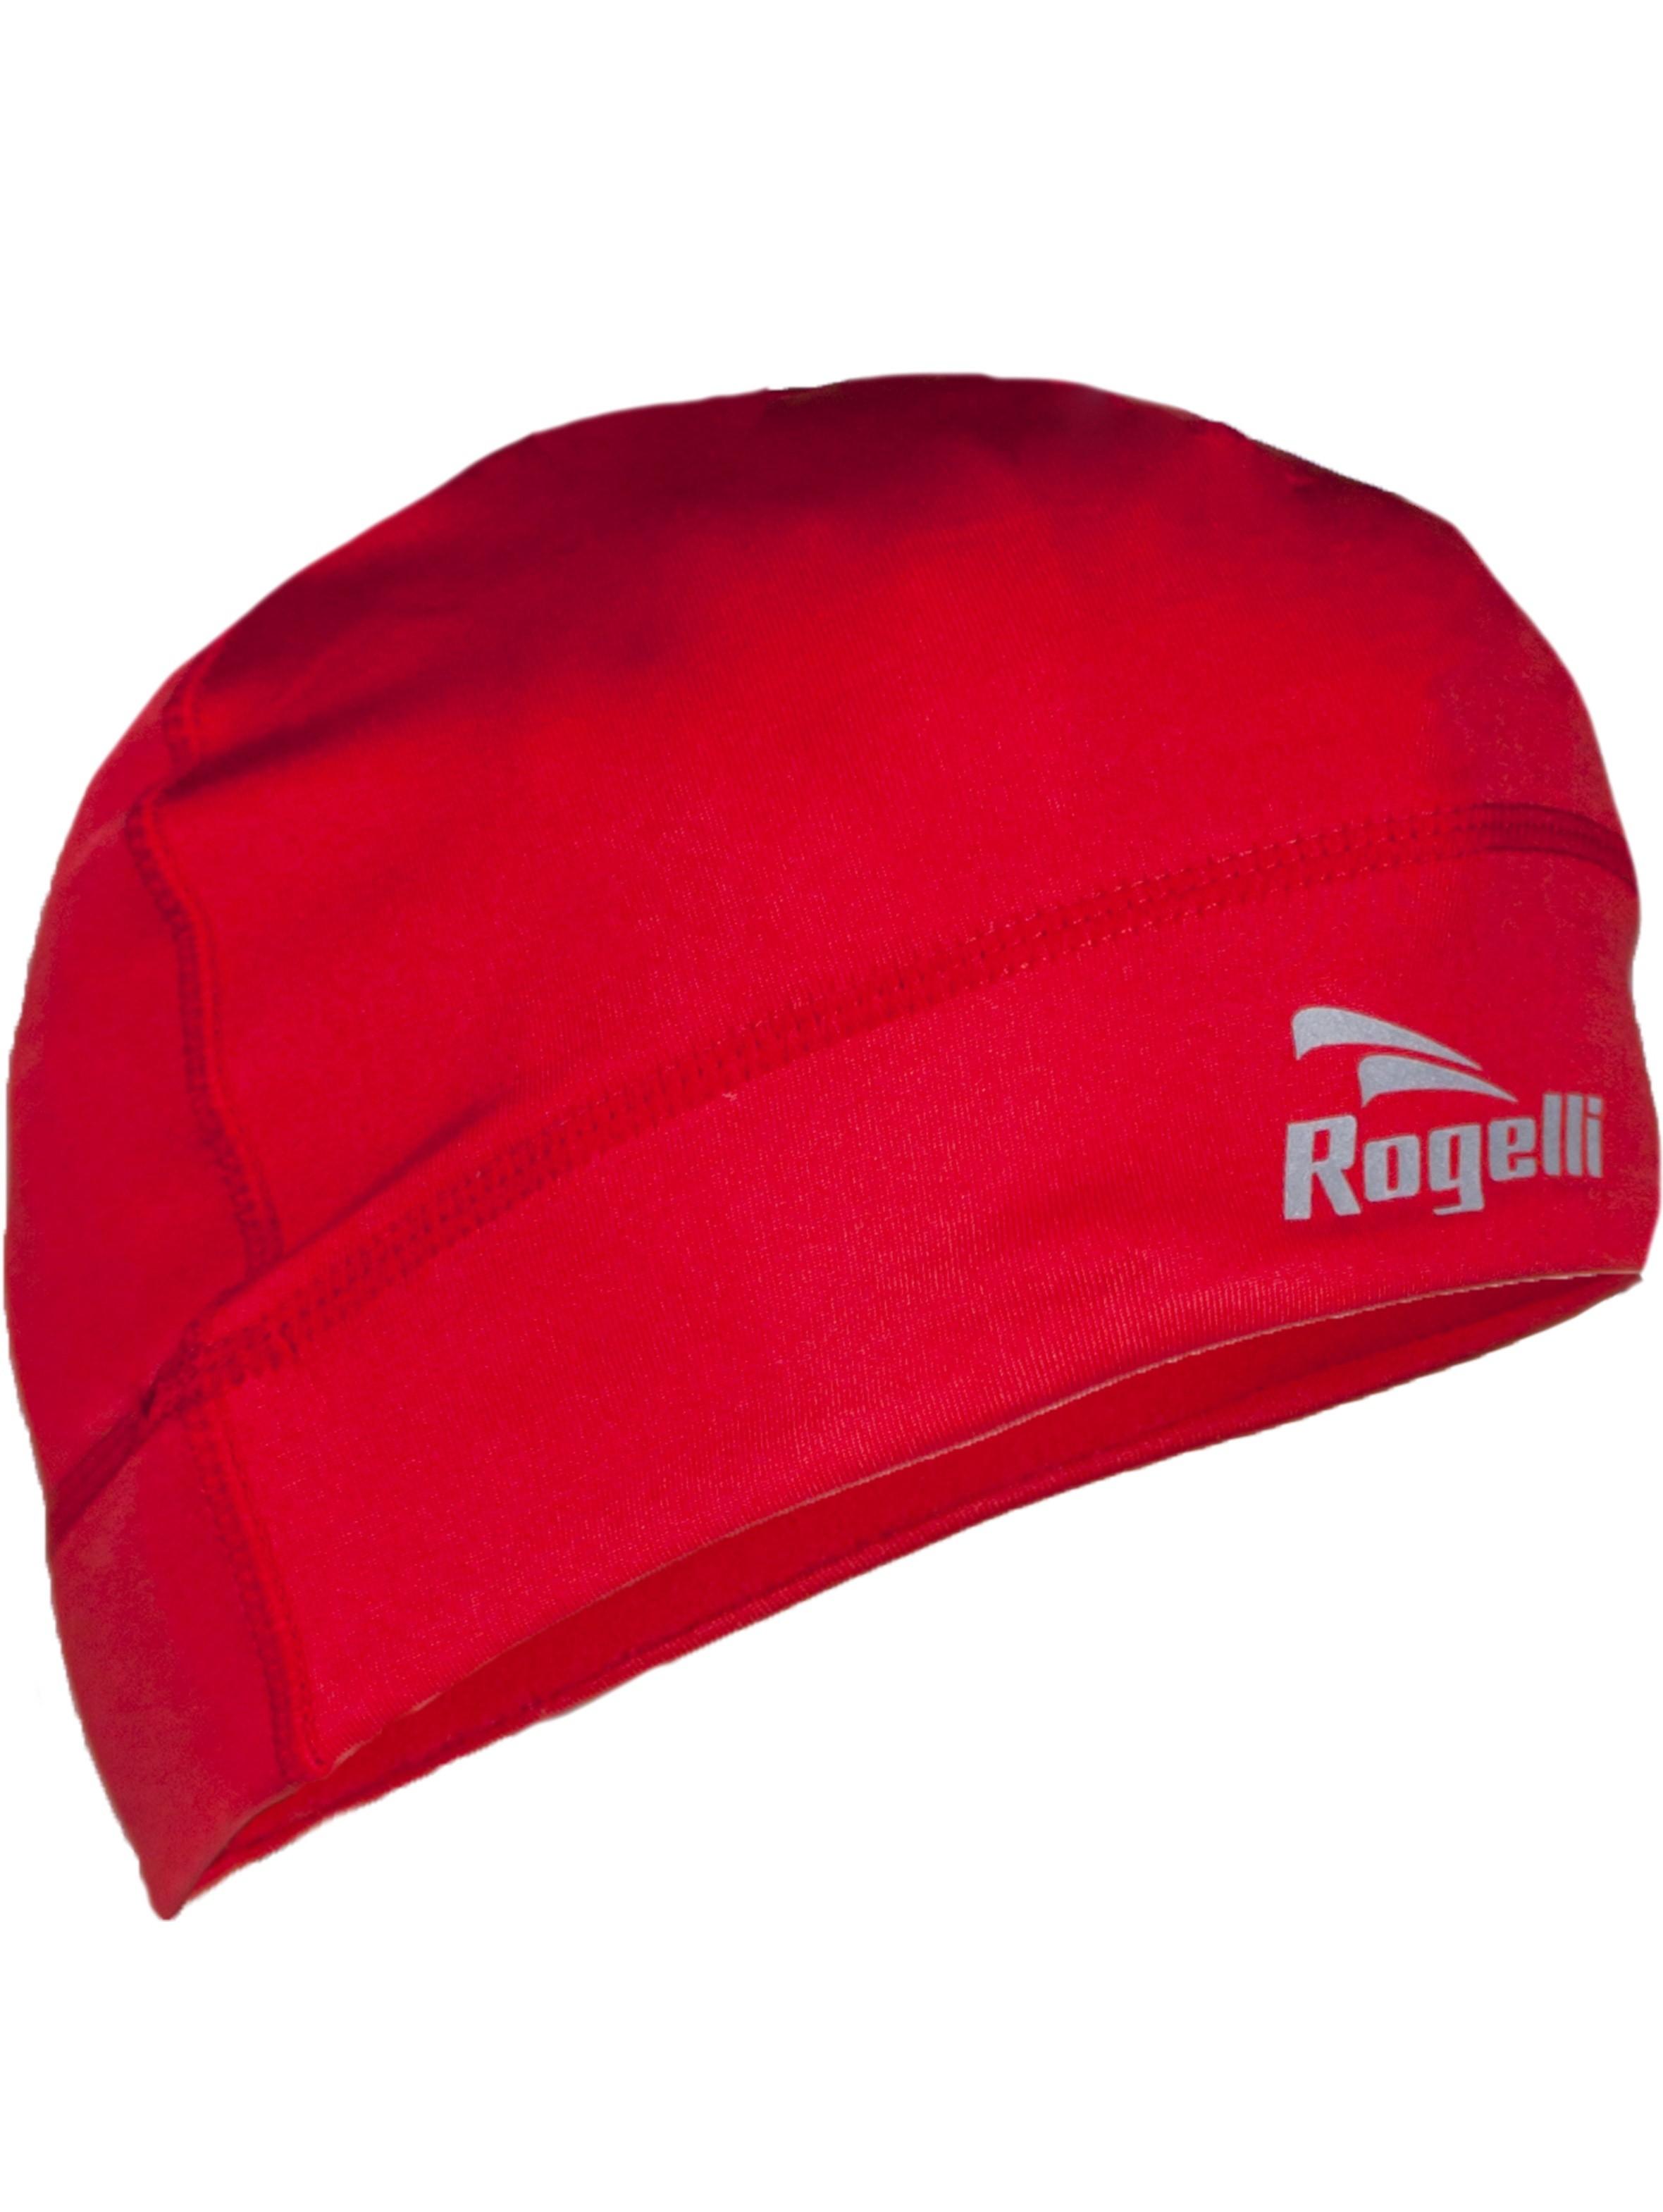 Czapka rowerowa ocieplana Rogelli czerwona